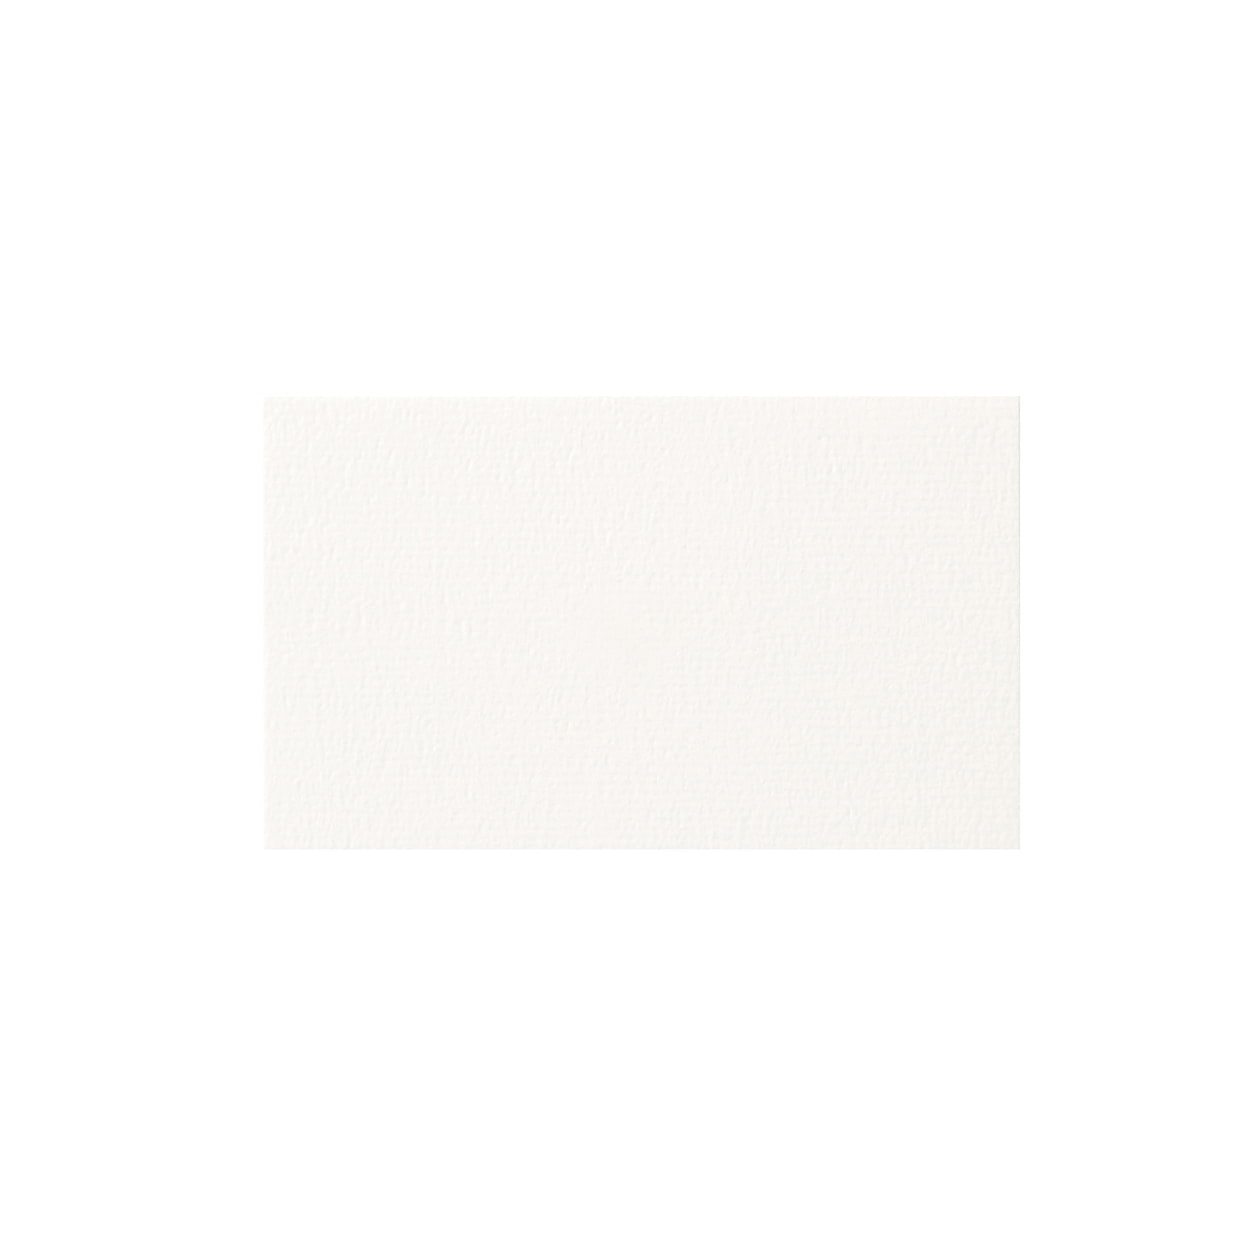 ネームカード ボス ユキ 186.1g